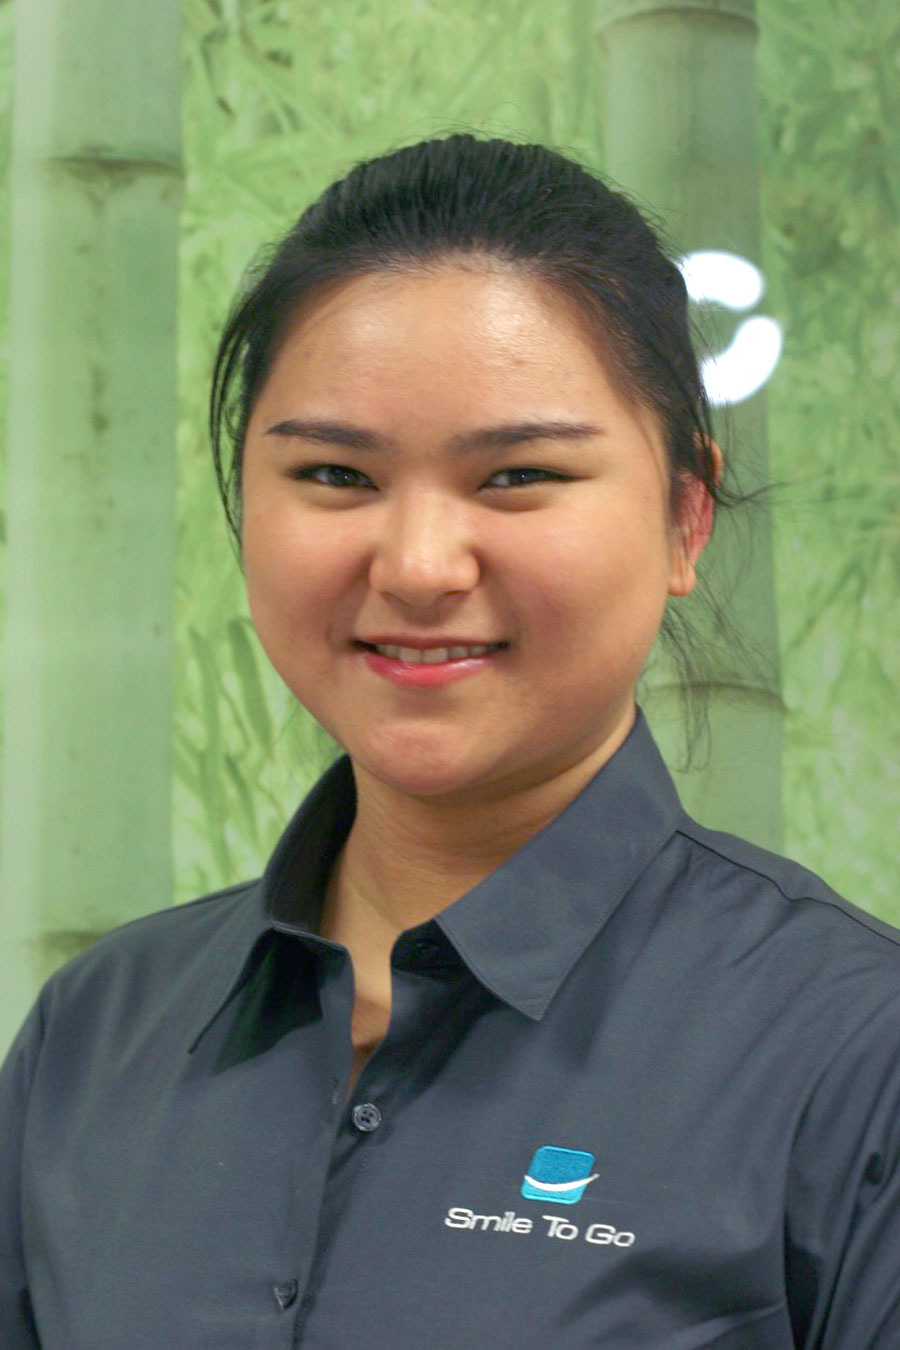 esmeralda-jin-dental-nurse-at-smile-to-go